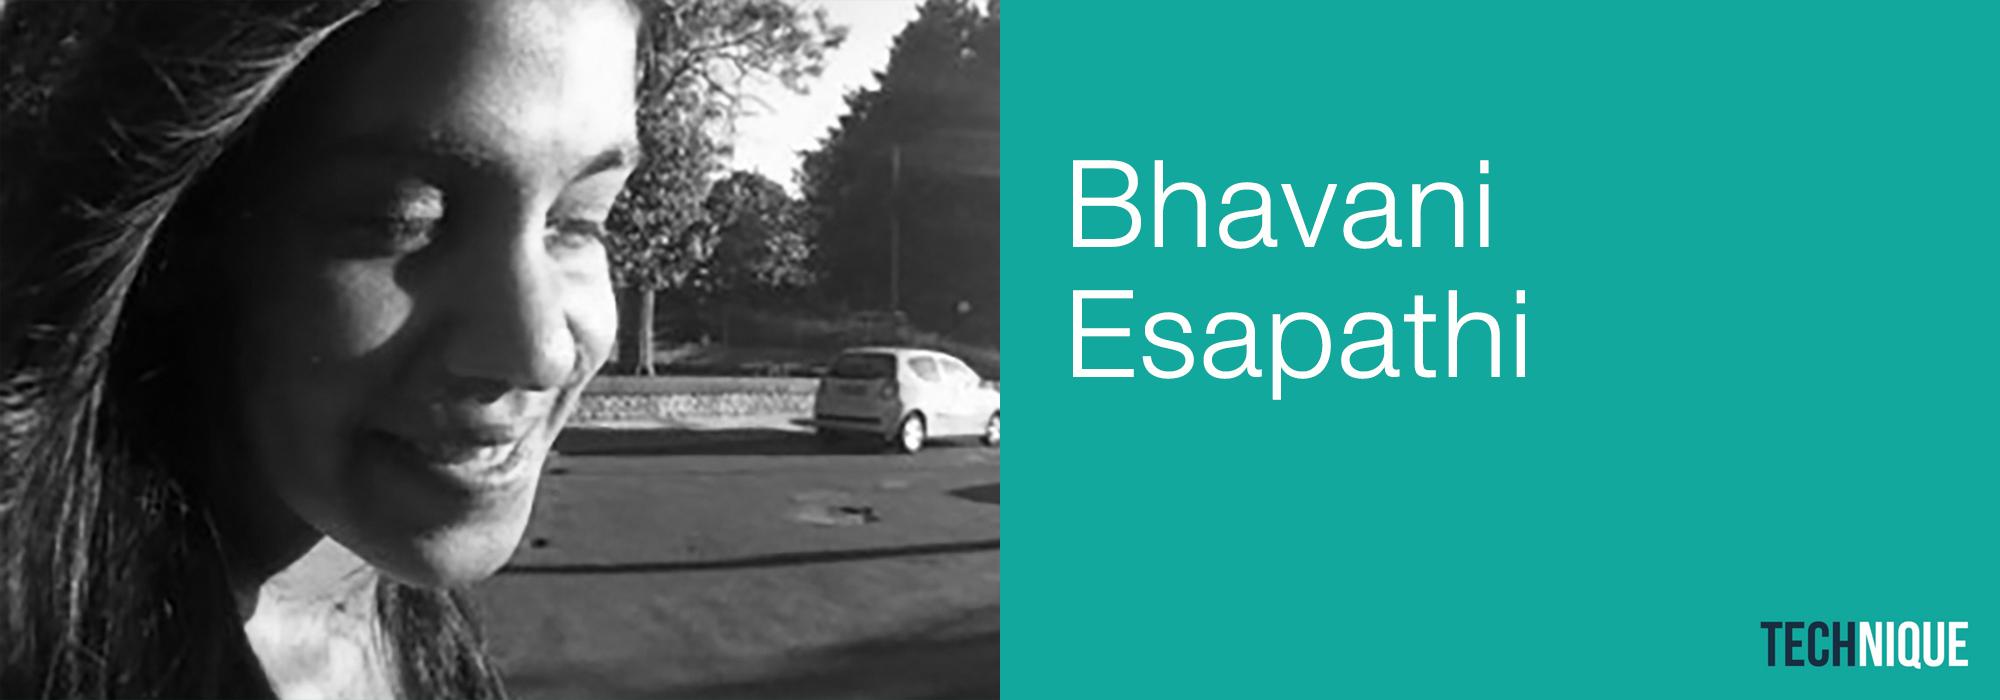 BhavaniEsapathi